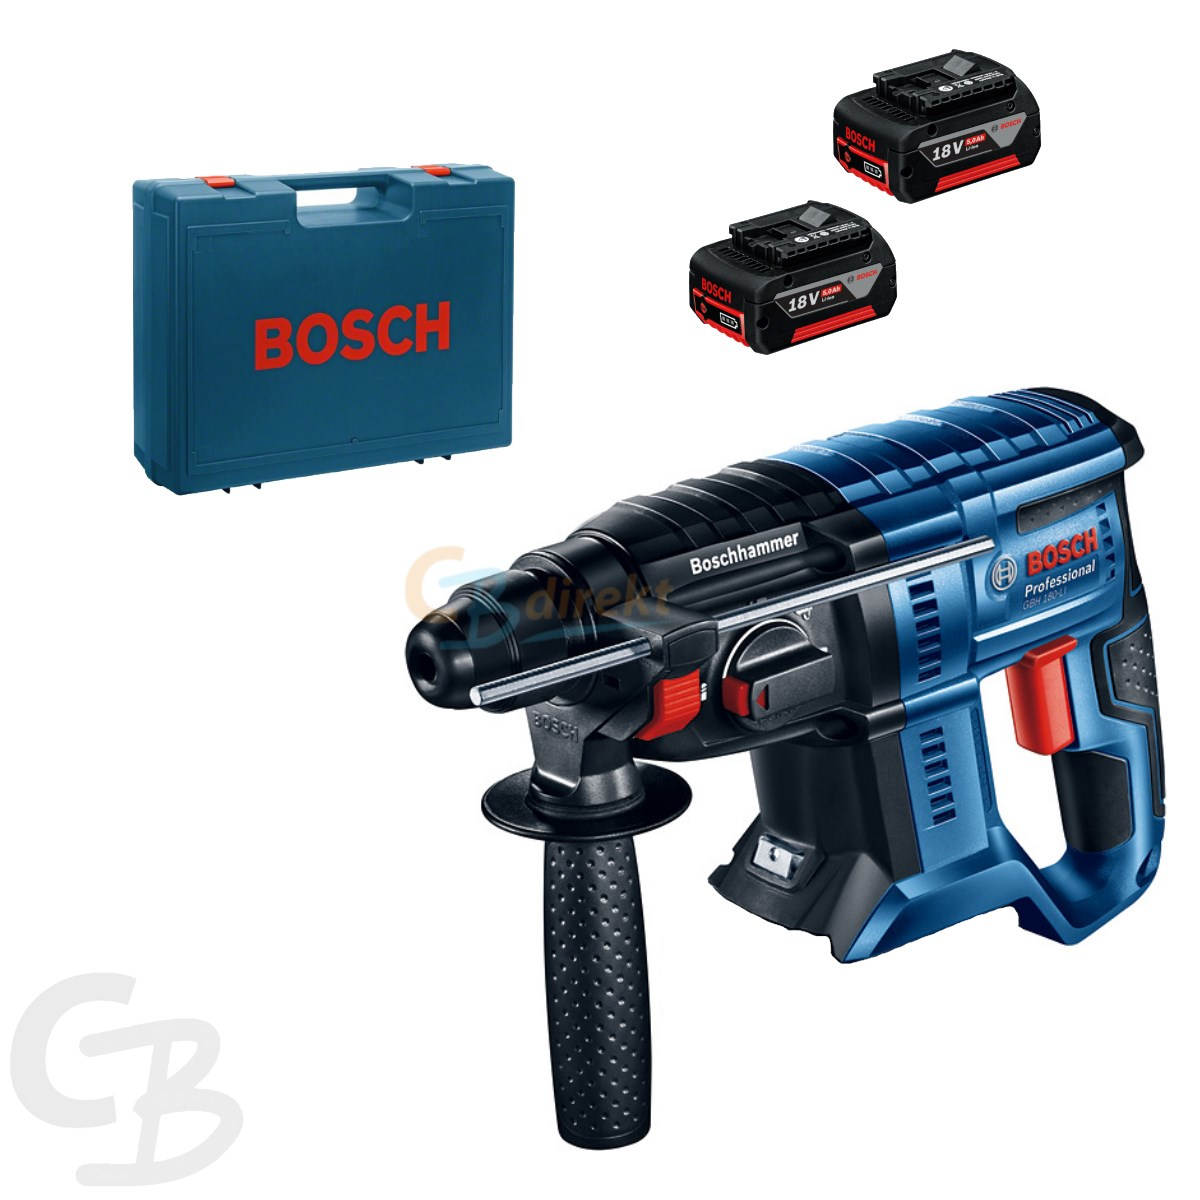 Bosch GBH 18V-20